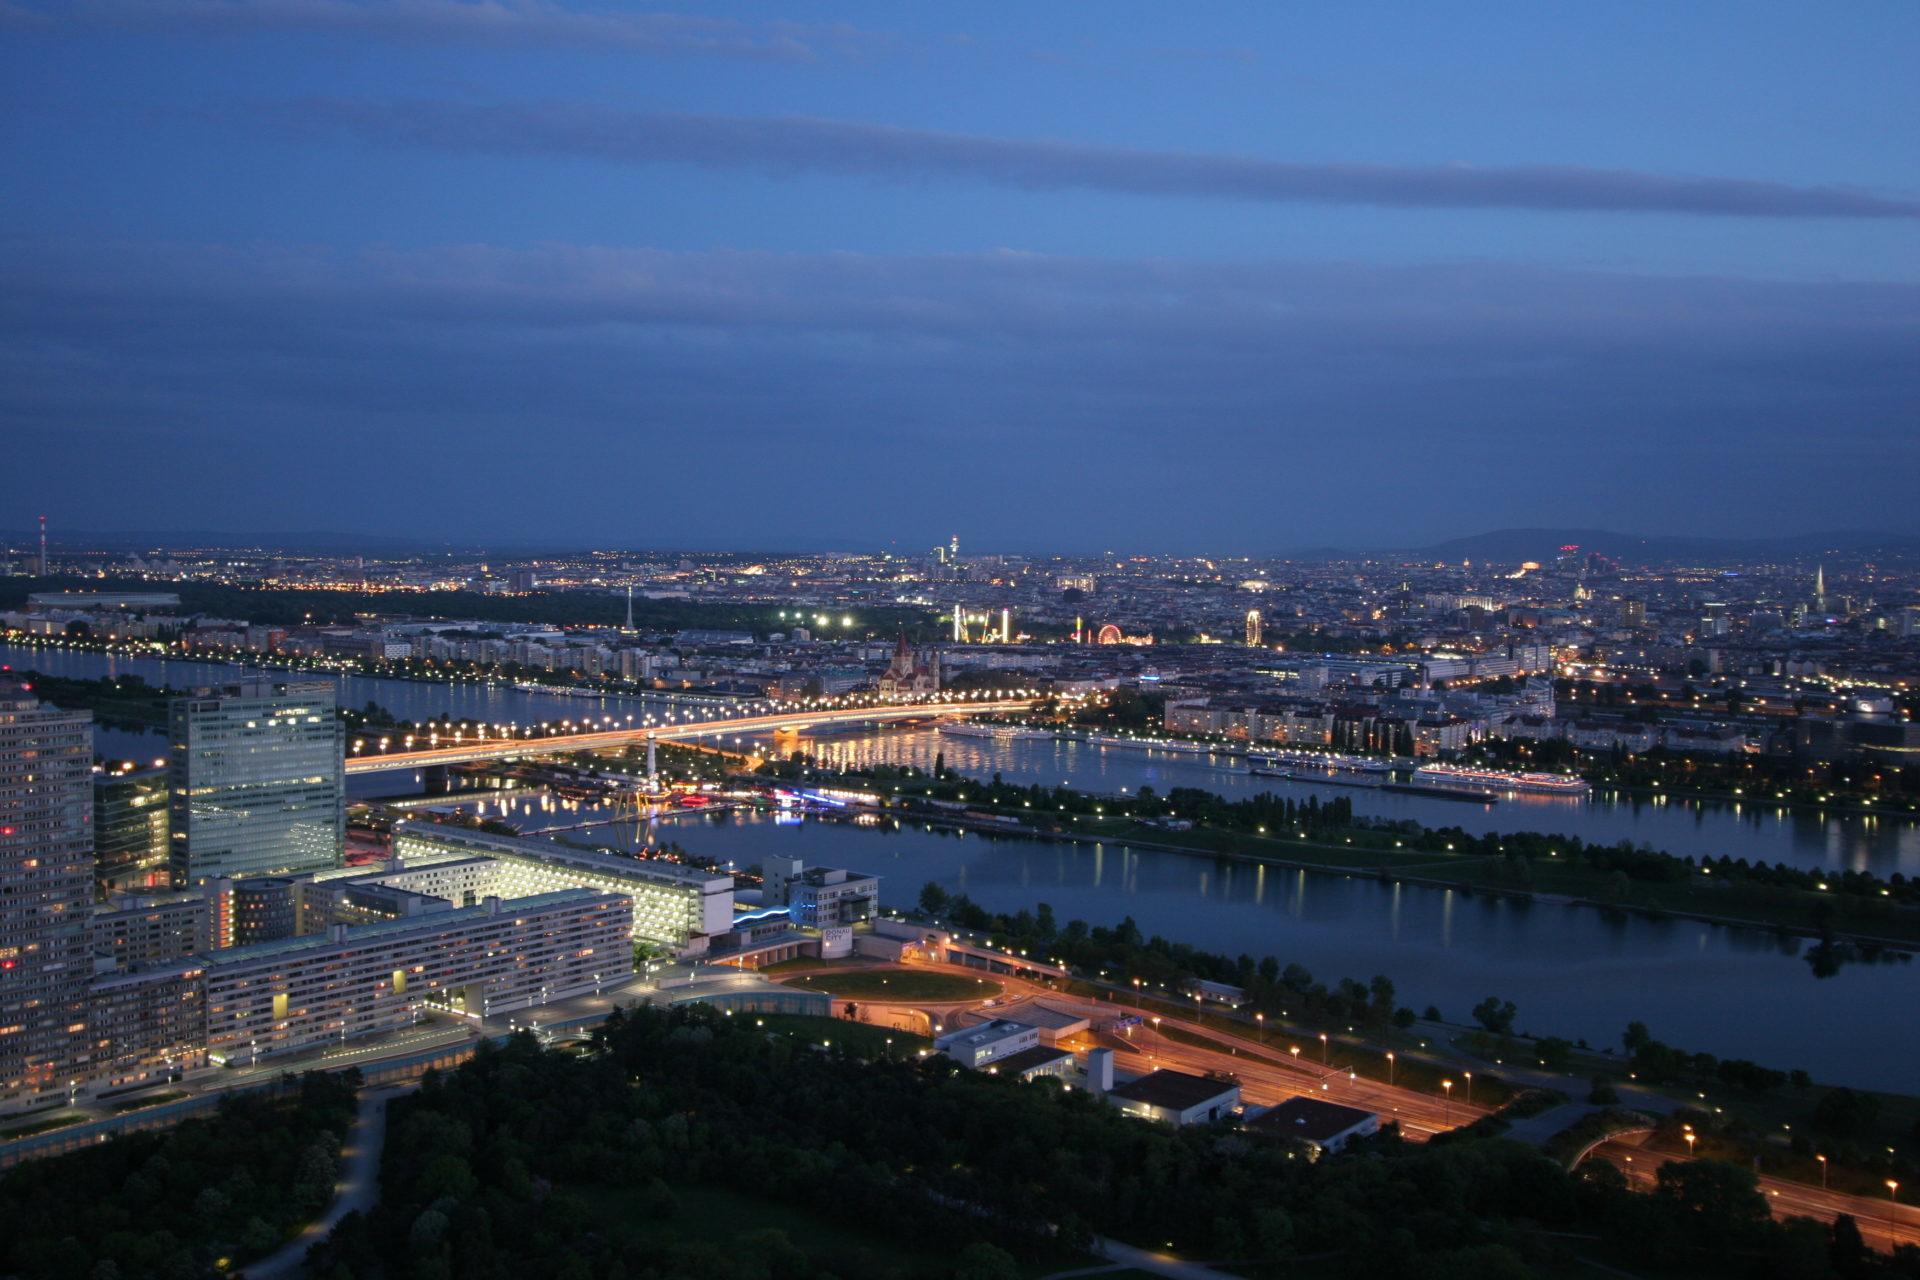 Österreichs Hauptstadt Wien entscheidet sich für SAMO von Asseco